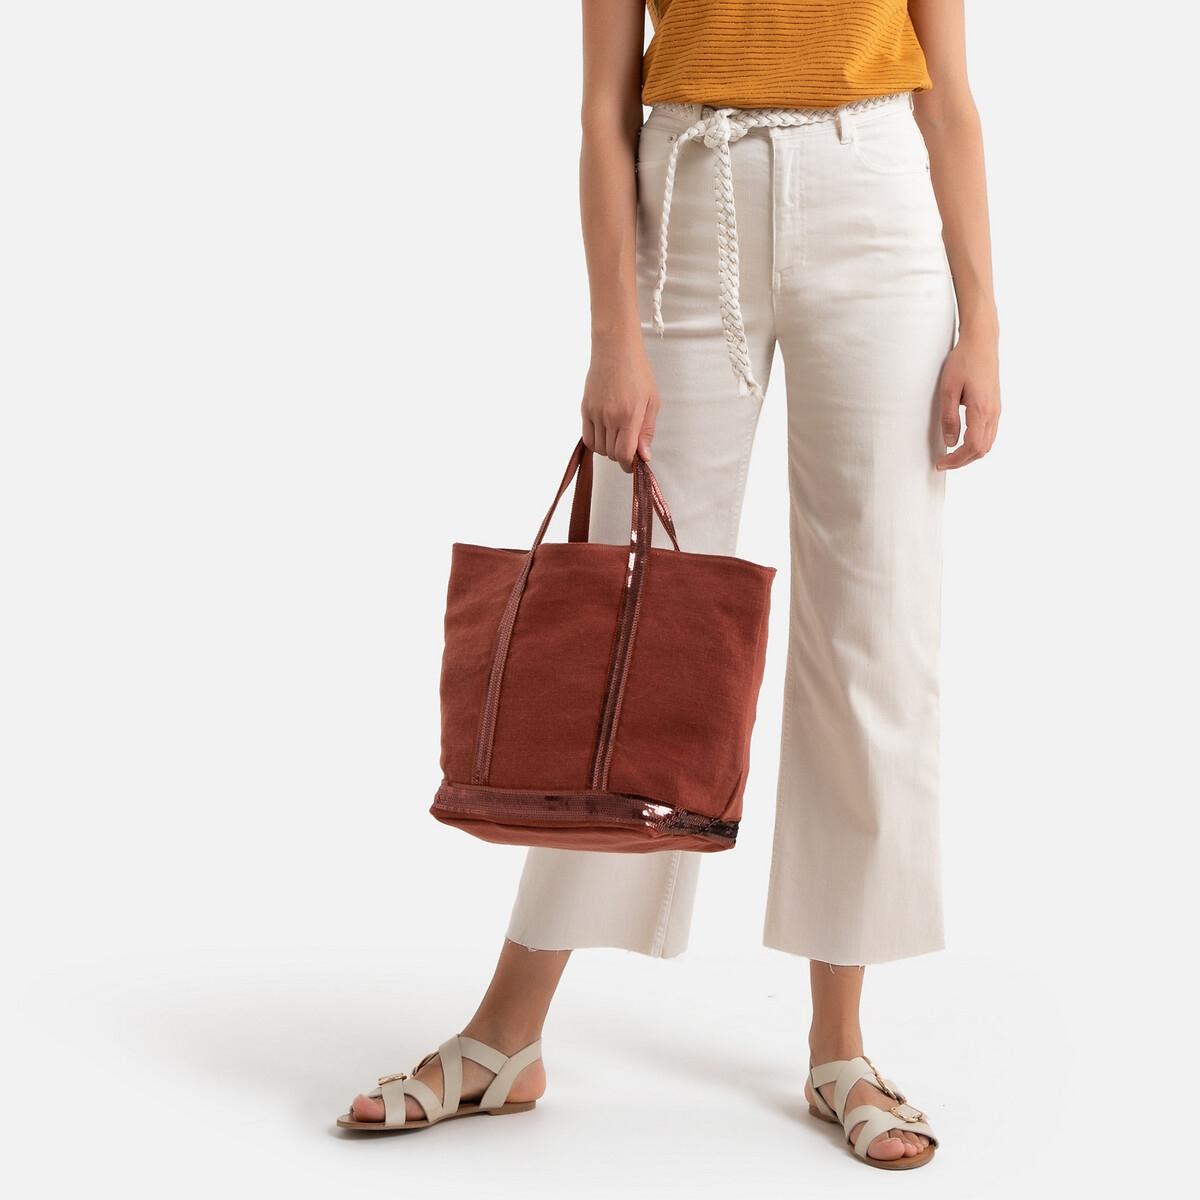 Фото - Сумка-шоппер La Redoute Из льна с пайетками единый размер оранжевый сумка шоппер средняя из парусины с блестками